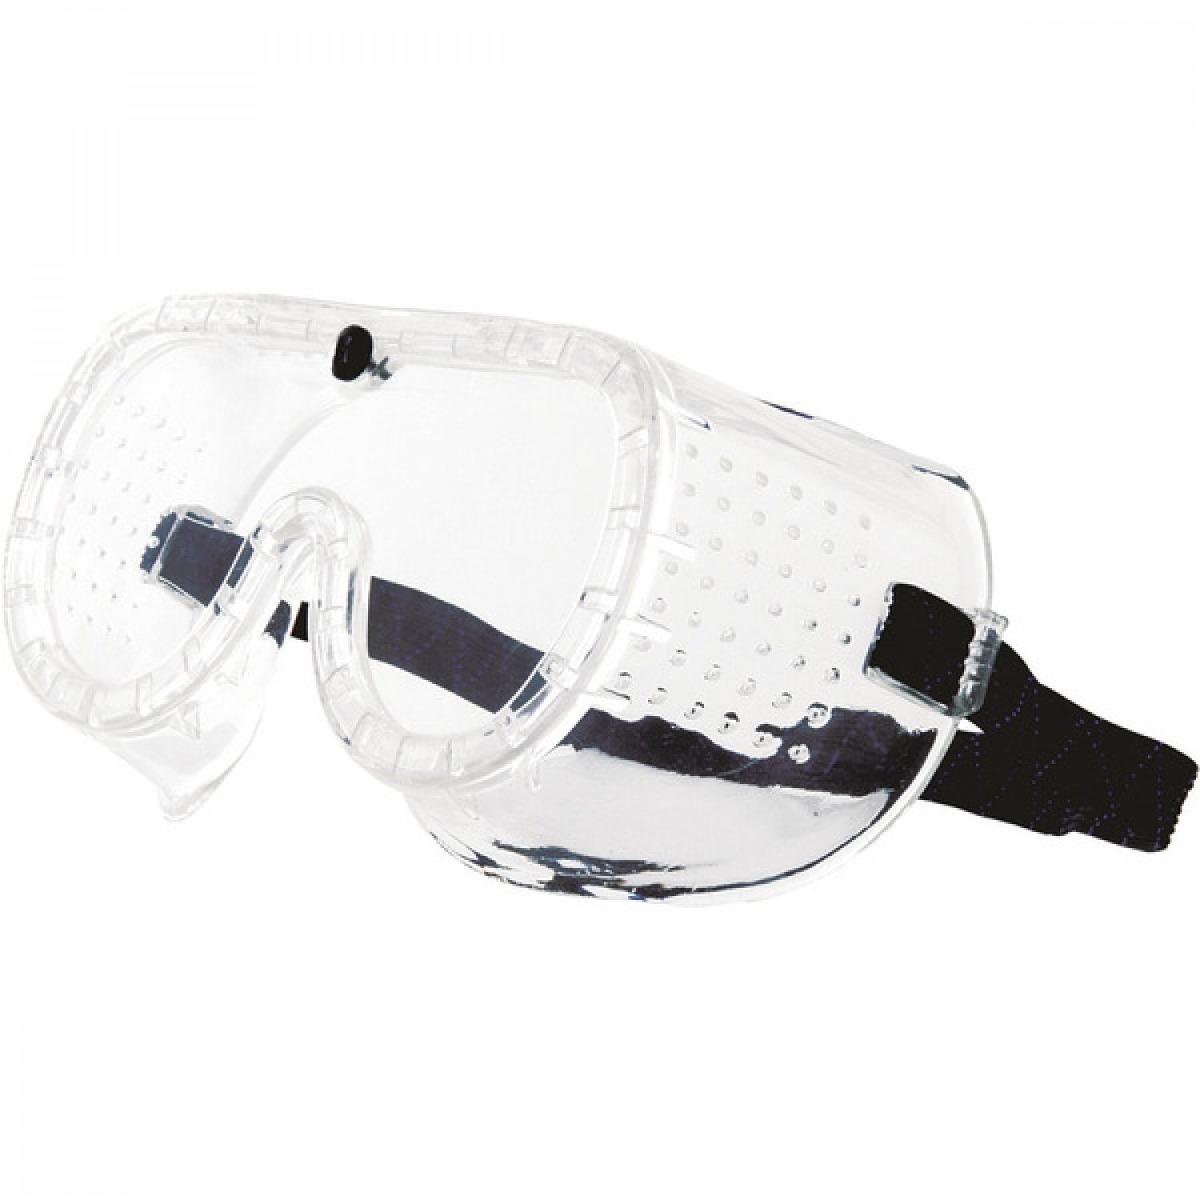 8e6c351f4ba13 Óculos De Segurança Ampla Visão Perfurado Vonder 3 Ei - R  46